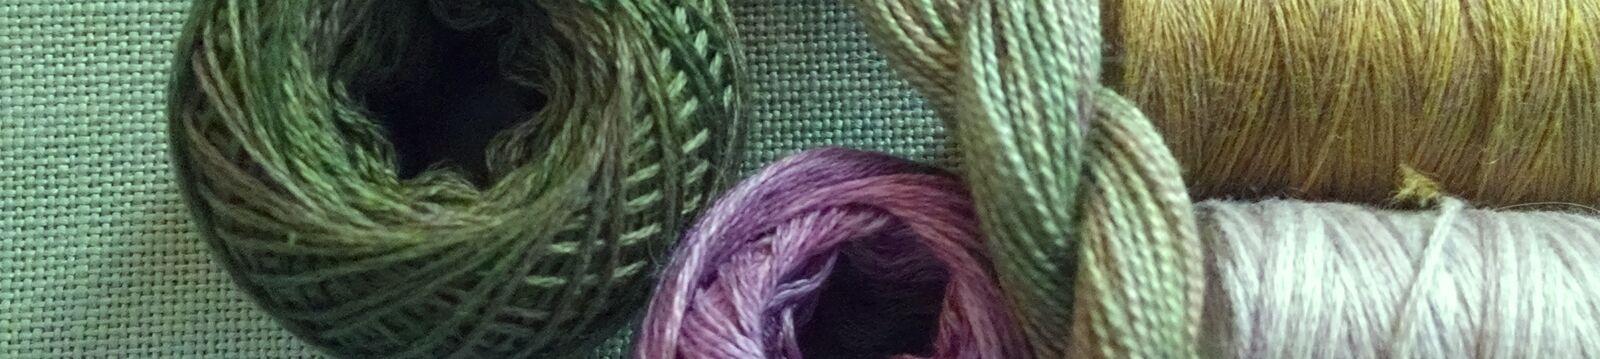 Firebird Stitching